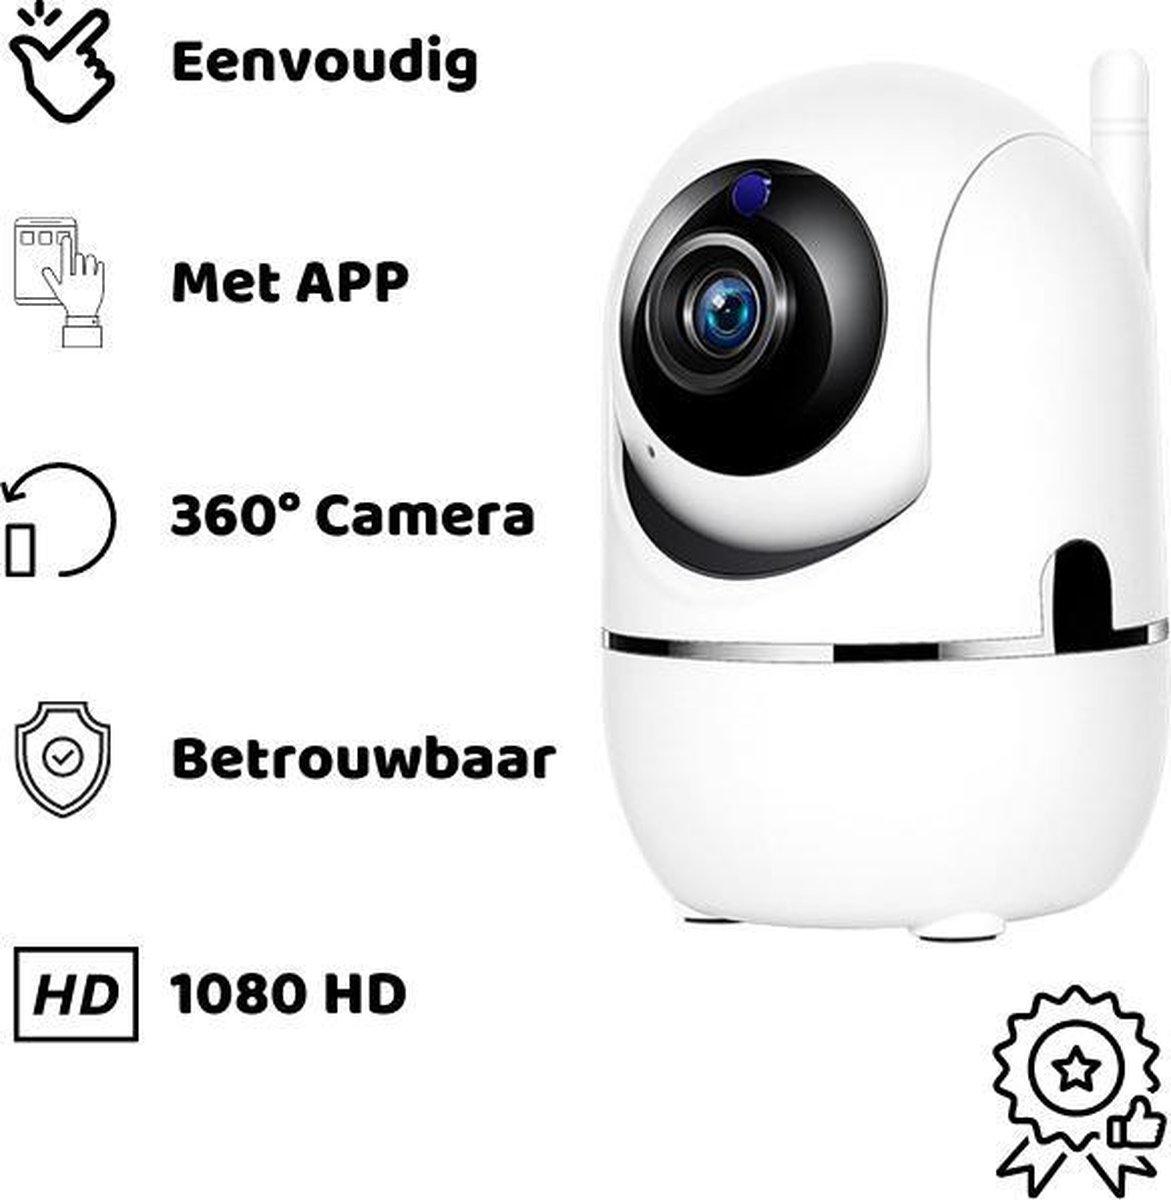 Babyfoon met camera - bediening met gratis app - maak overal verbinding met de babyfoon - babyfoon met camera en app